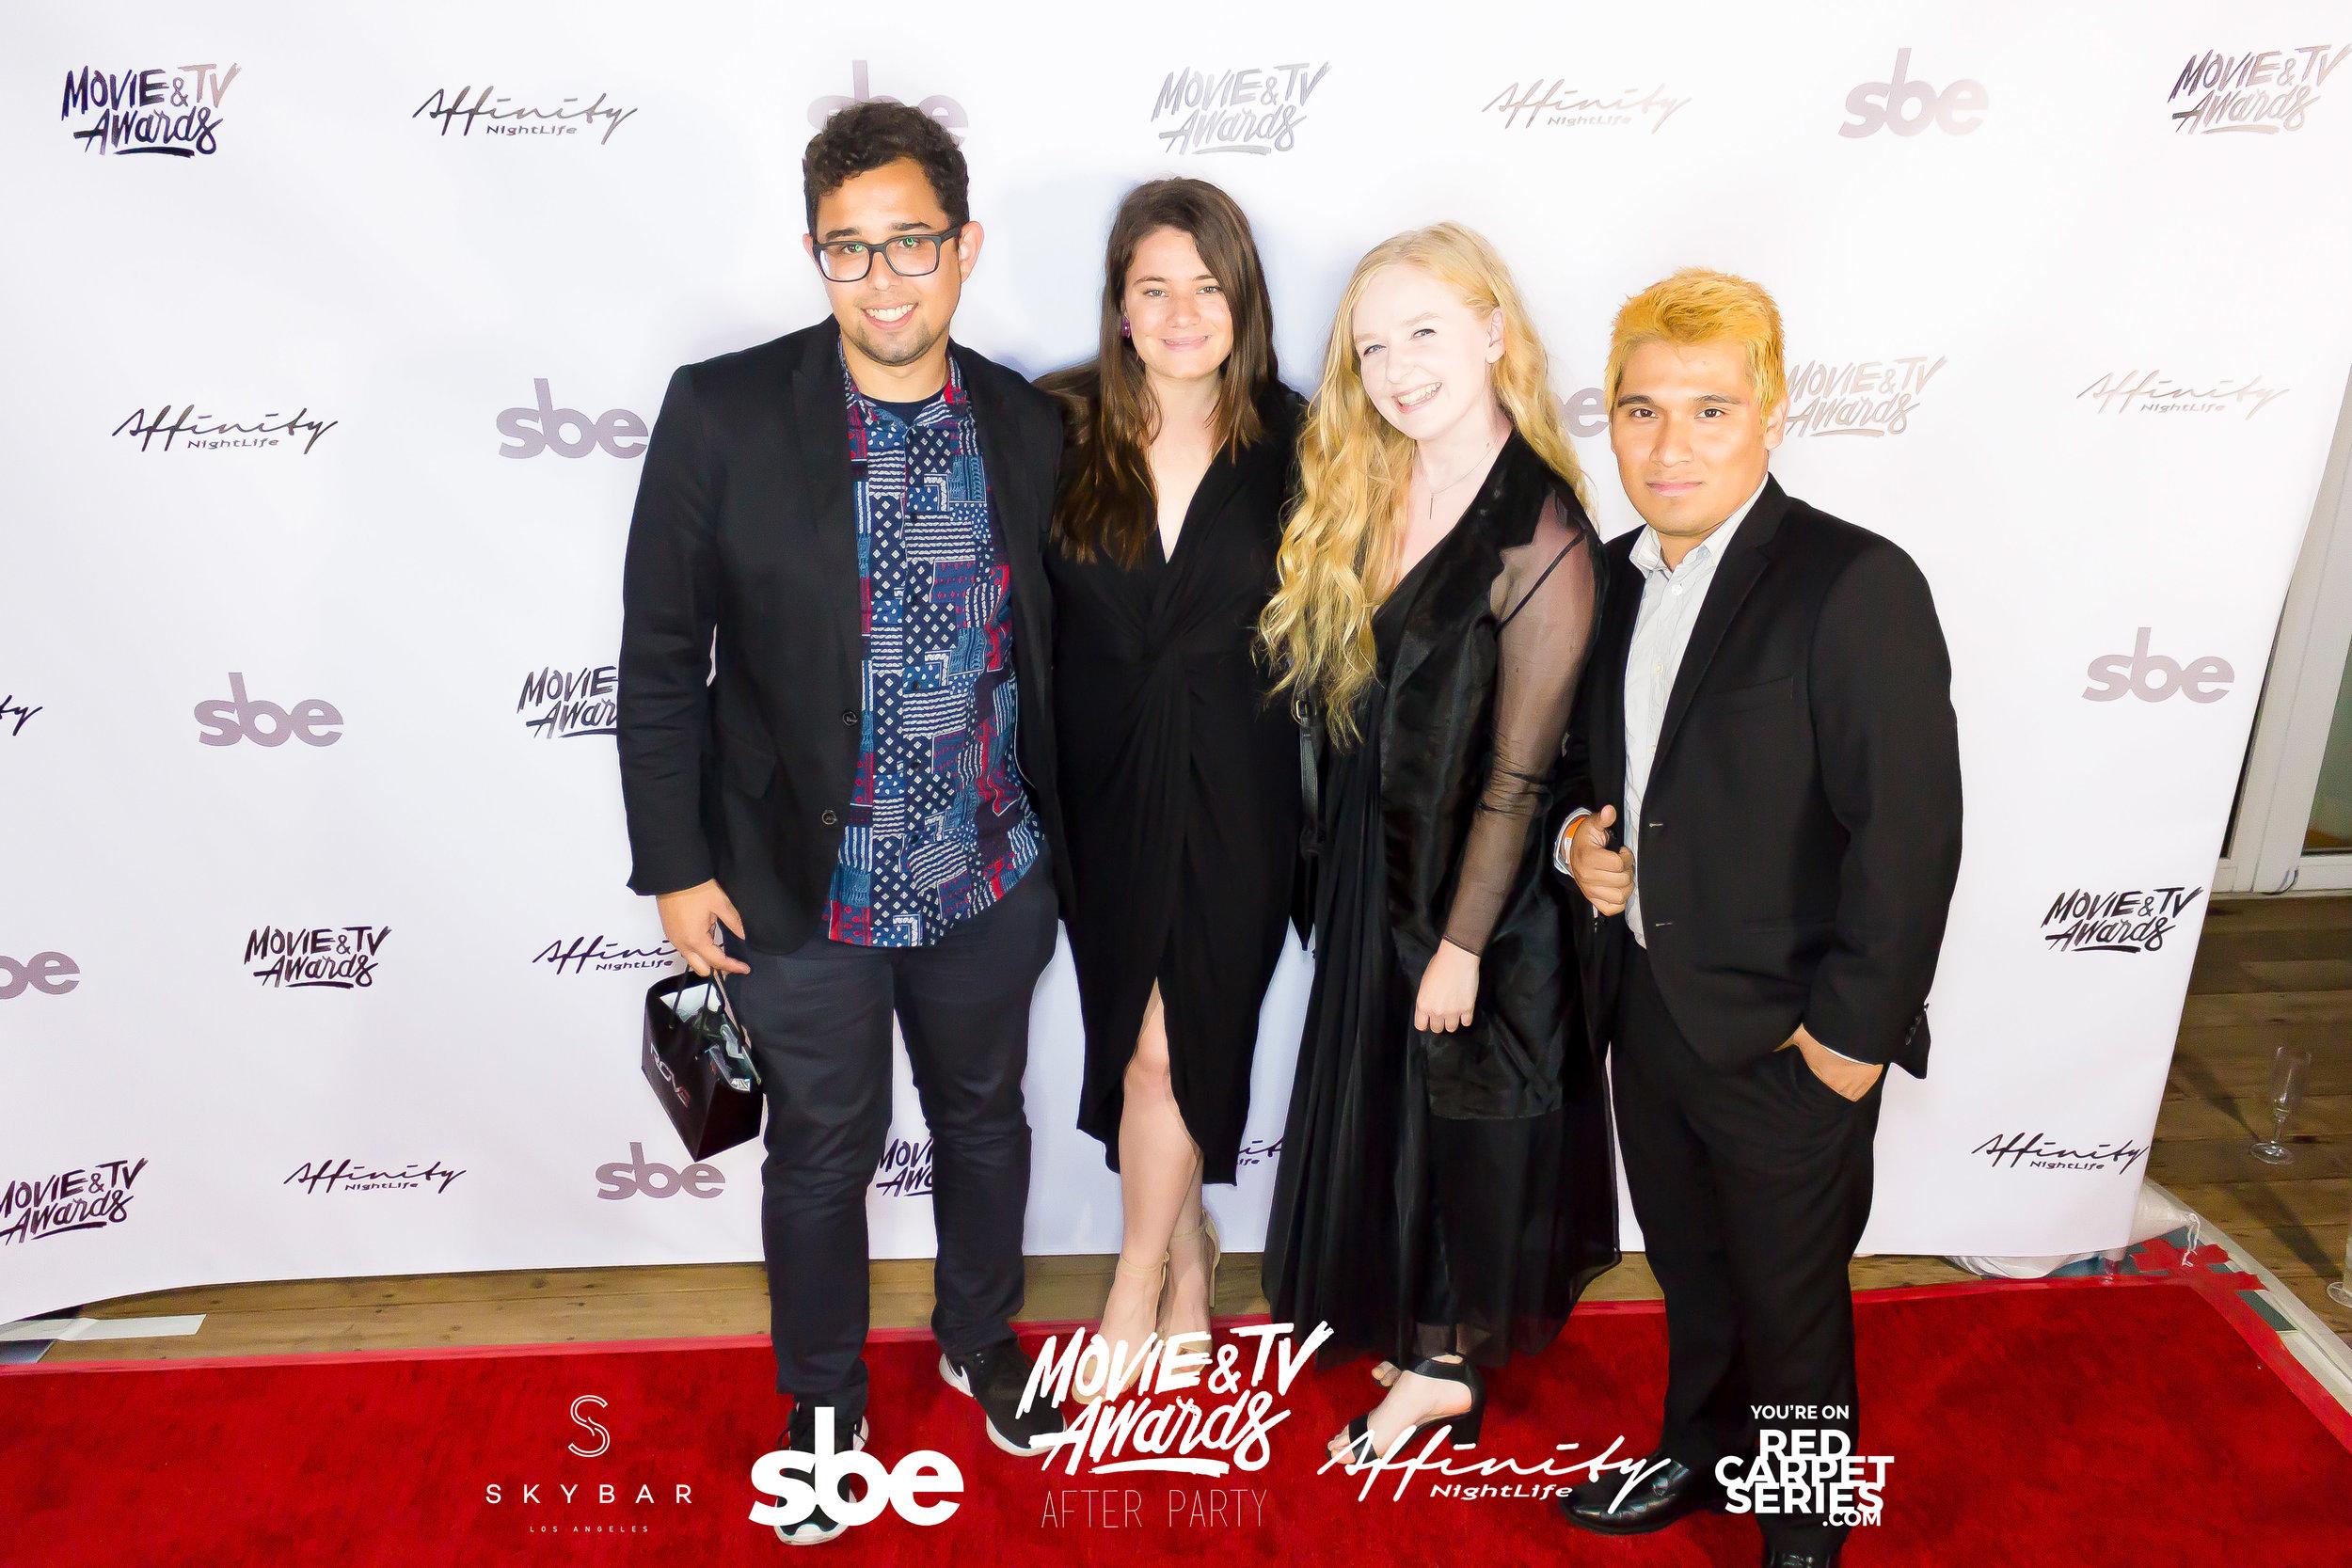 Affinity Nightlife MTV Movie & TV Awards After Party - Skybar at Mondrian - 06-15-19 - Vol. 2_71.jpg